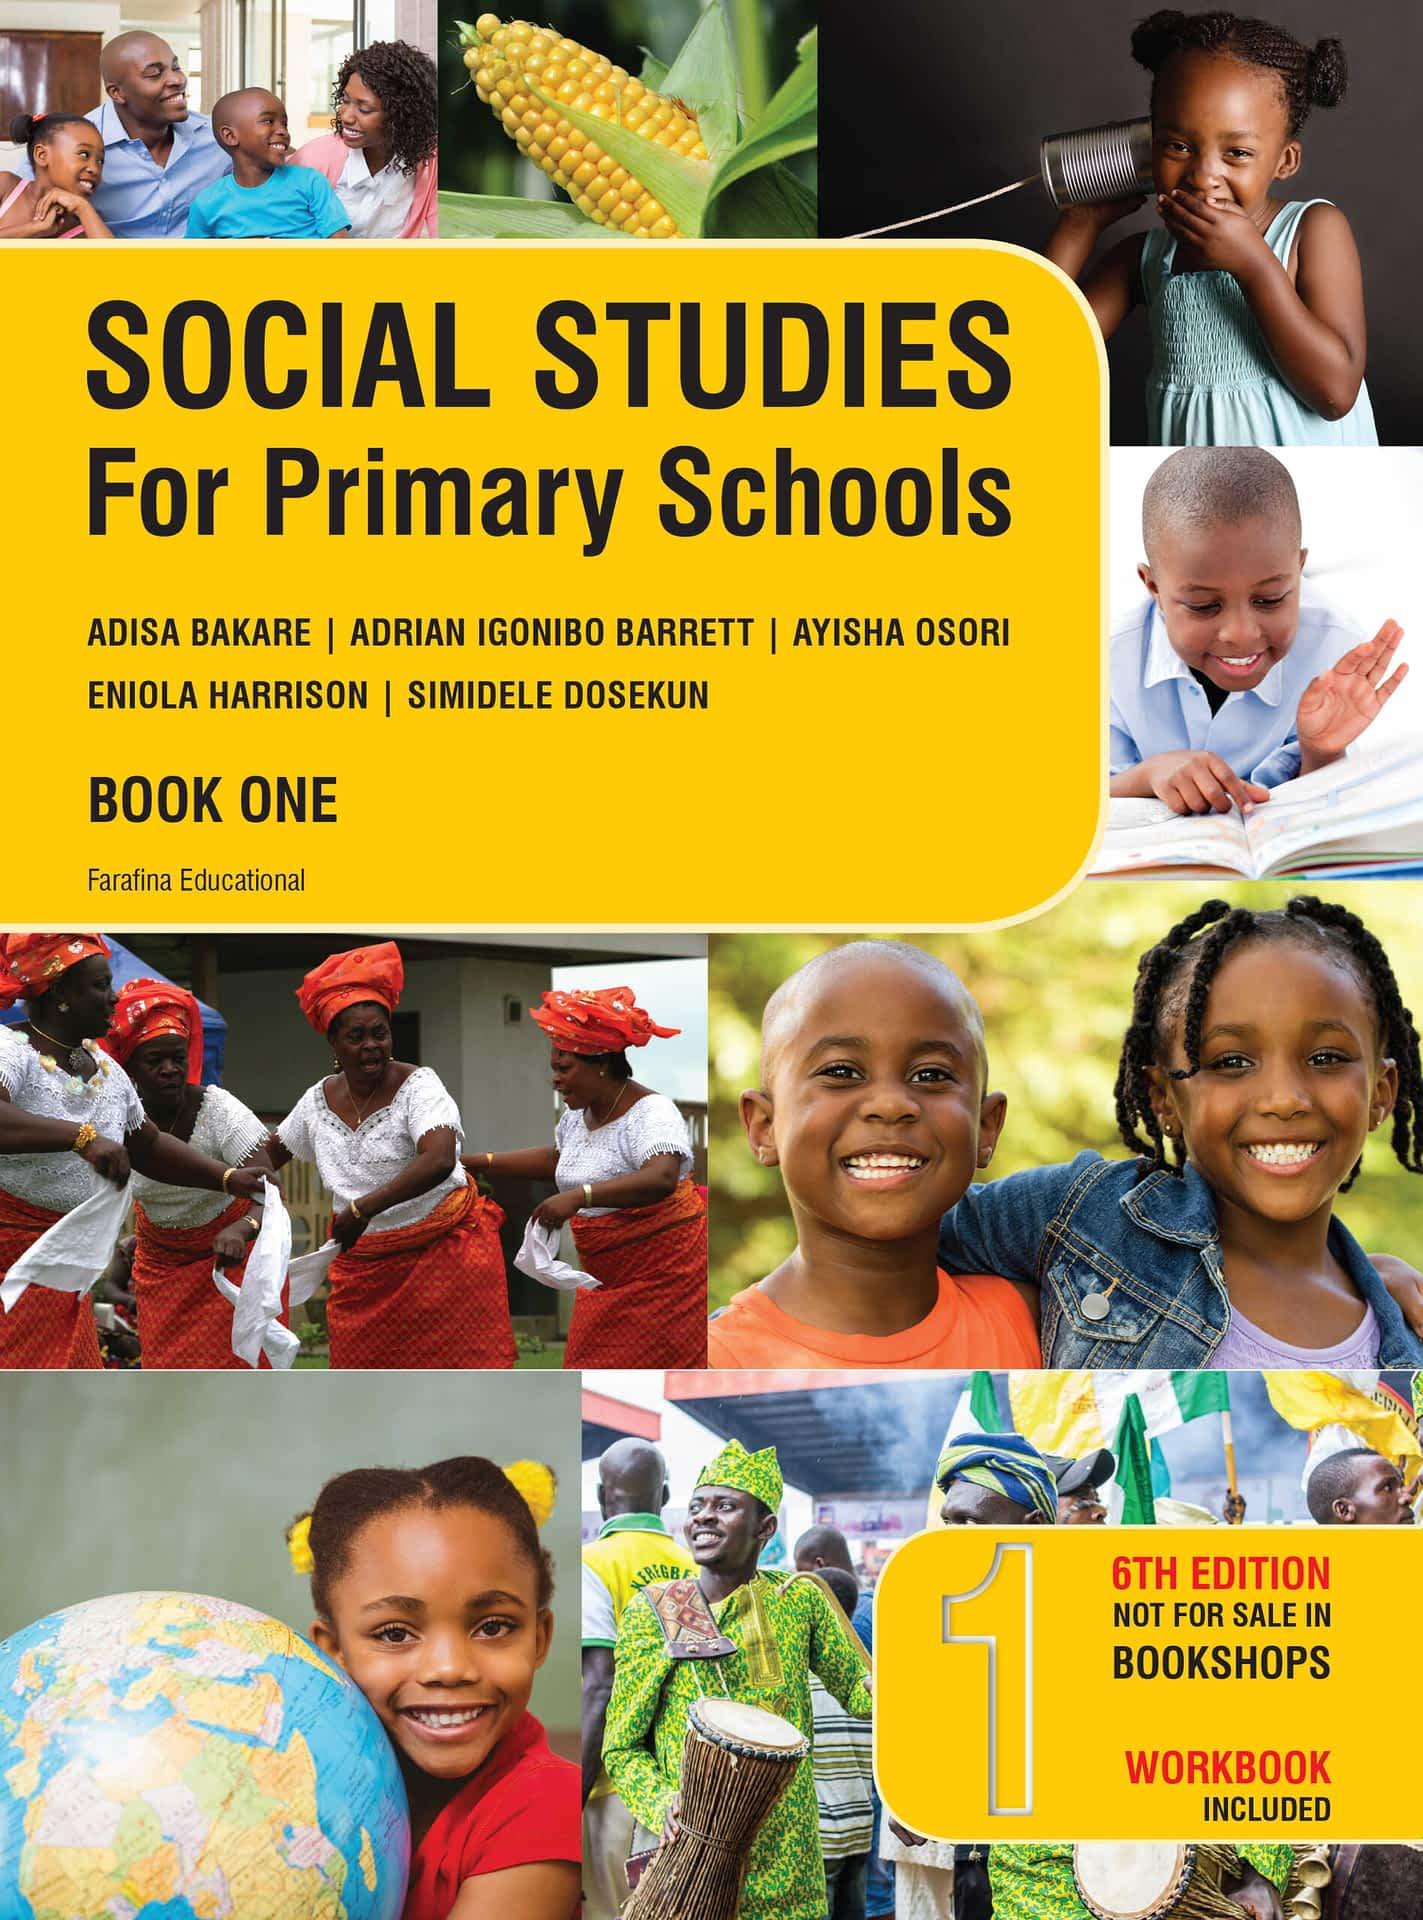 Social Studies_Cover_1